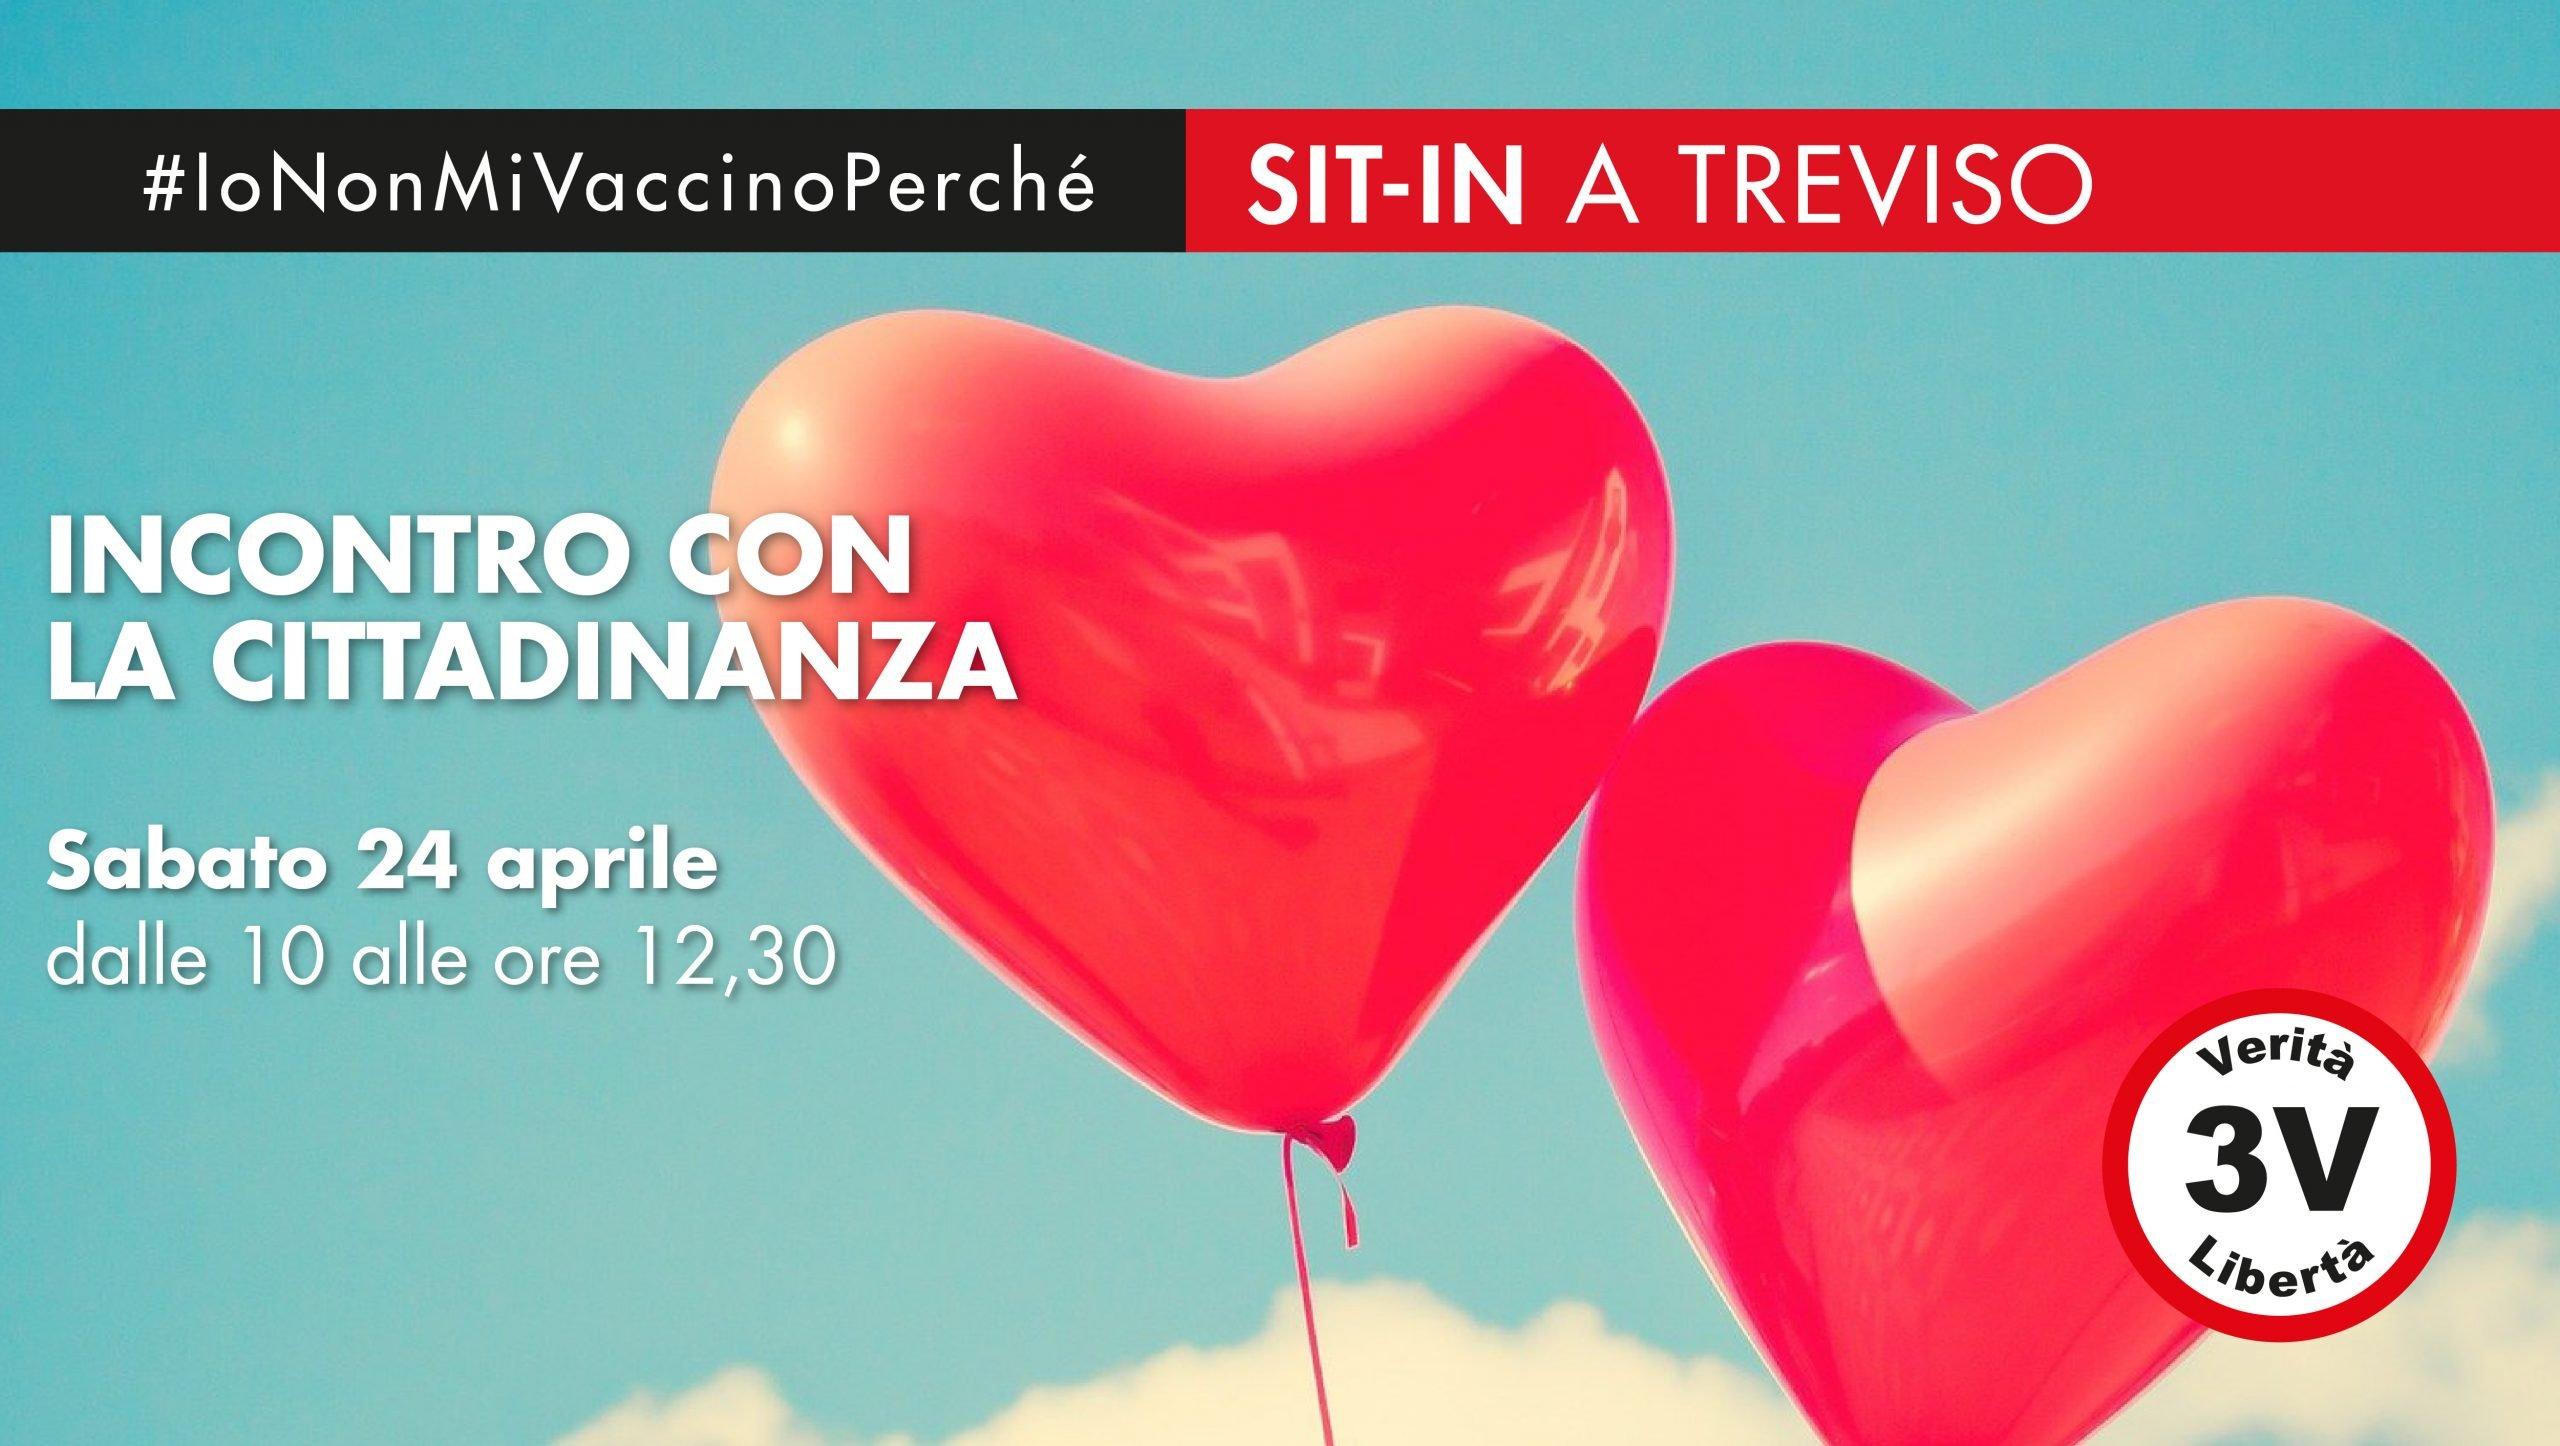 Incontro con la cittadinanza a Treviso M3V